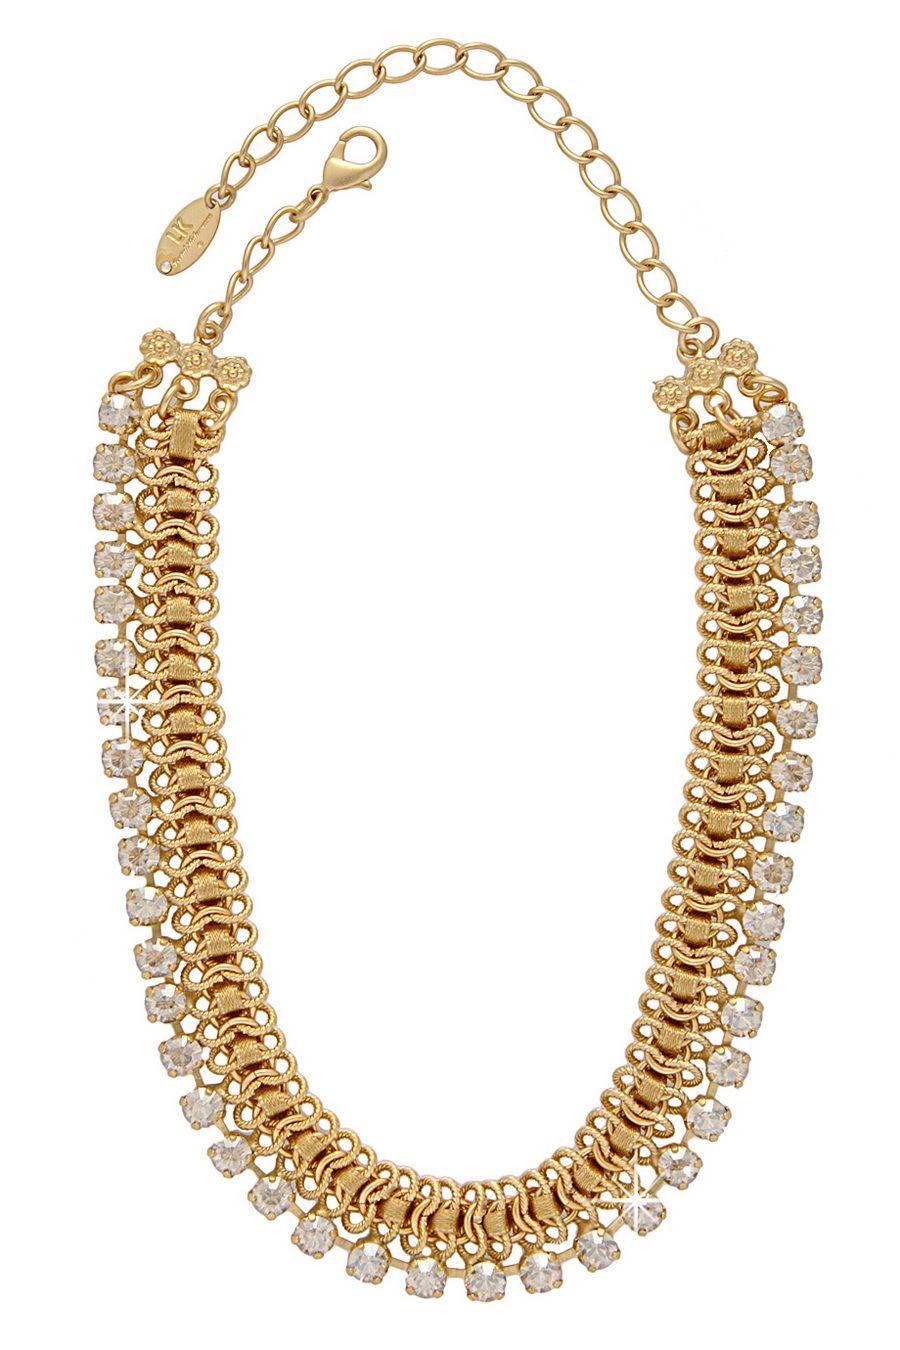 золотые цепочки для девушки на шею цена